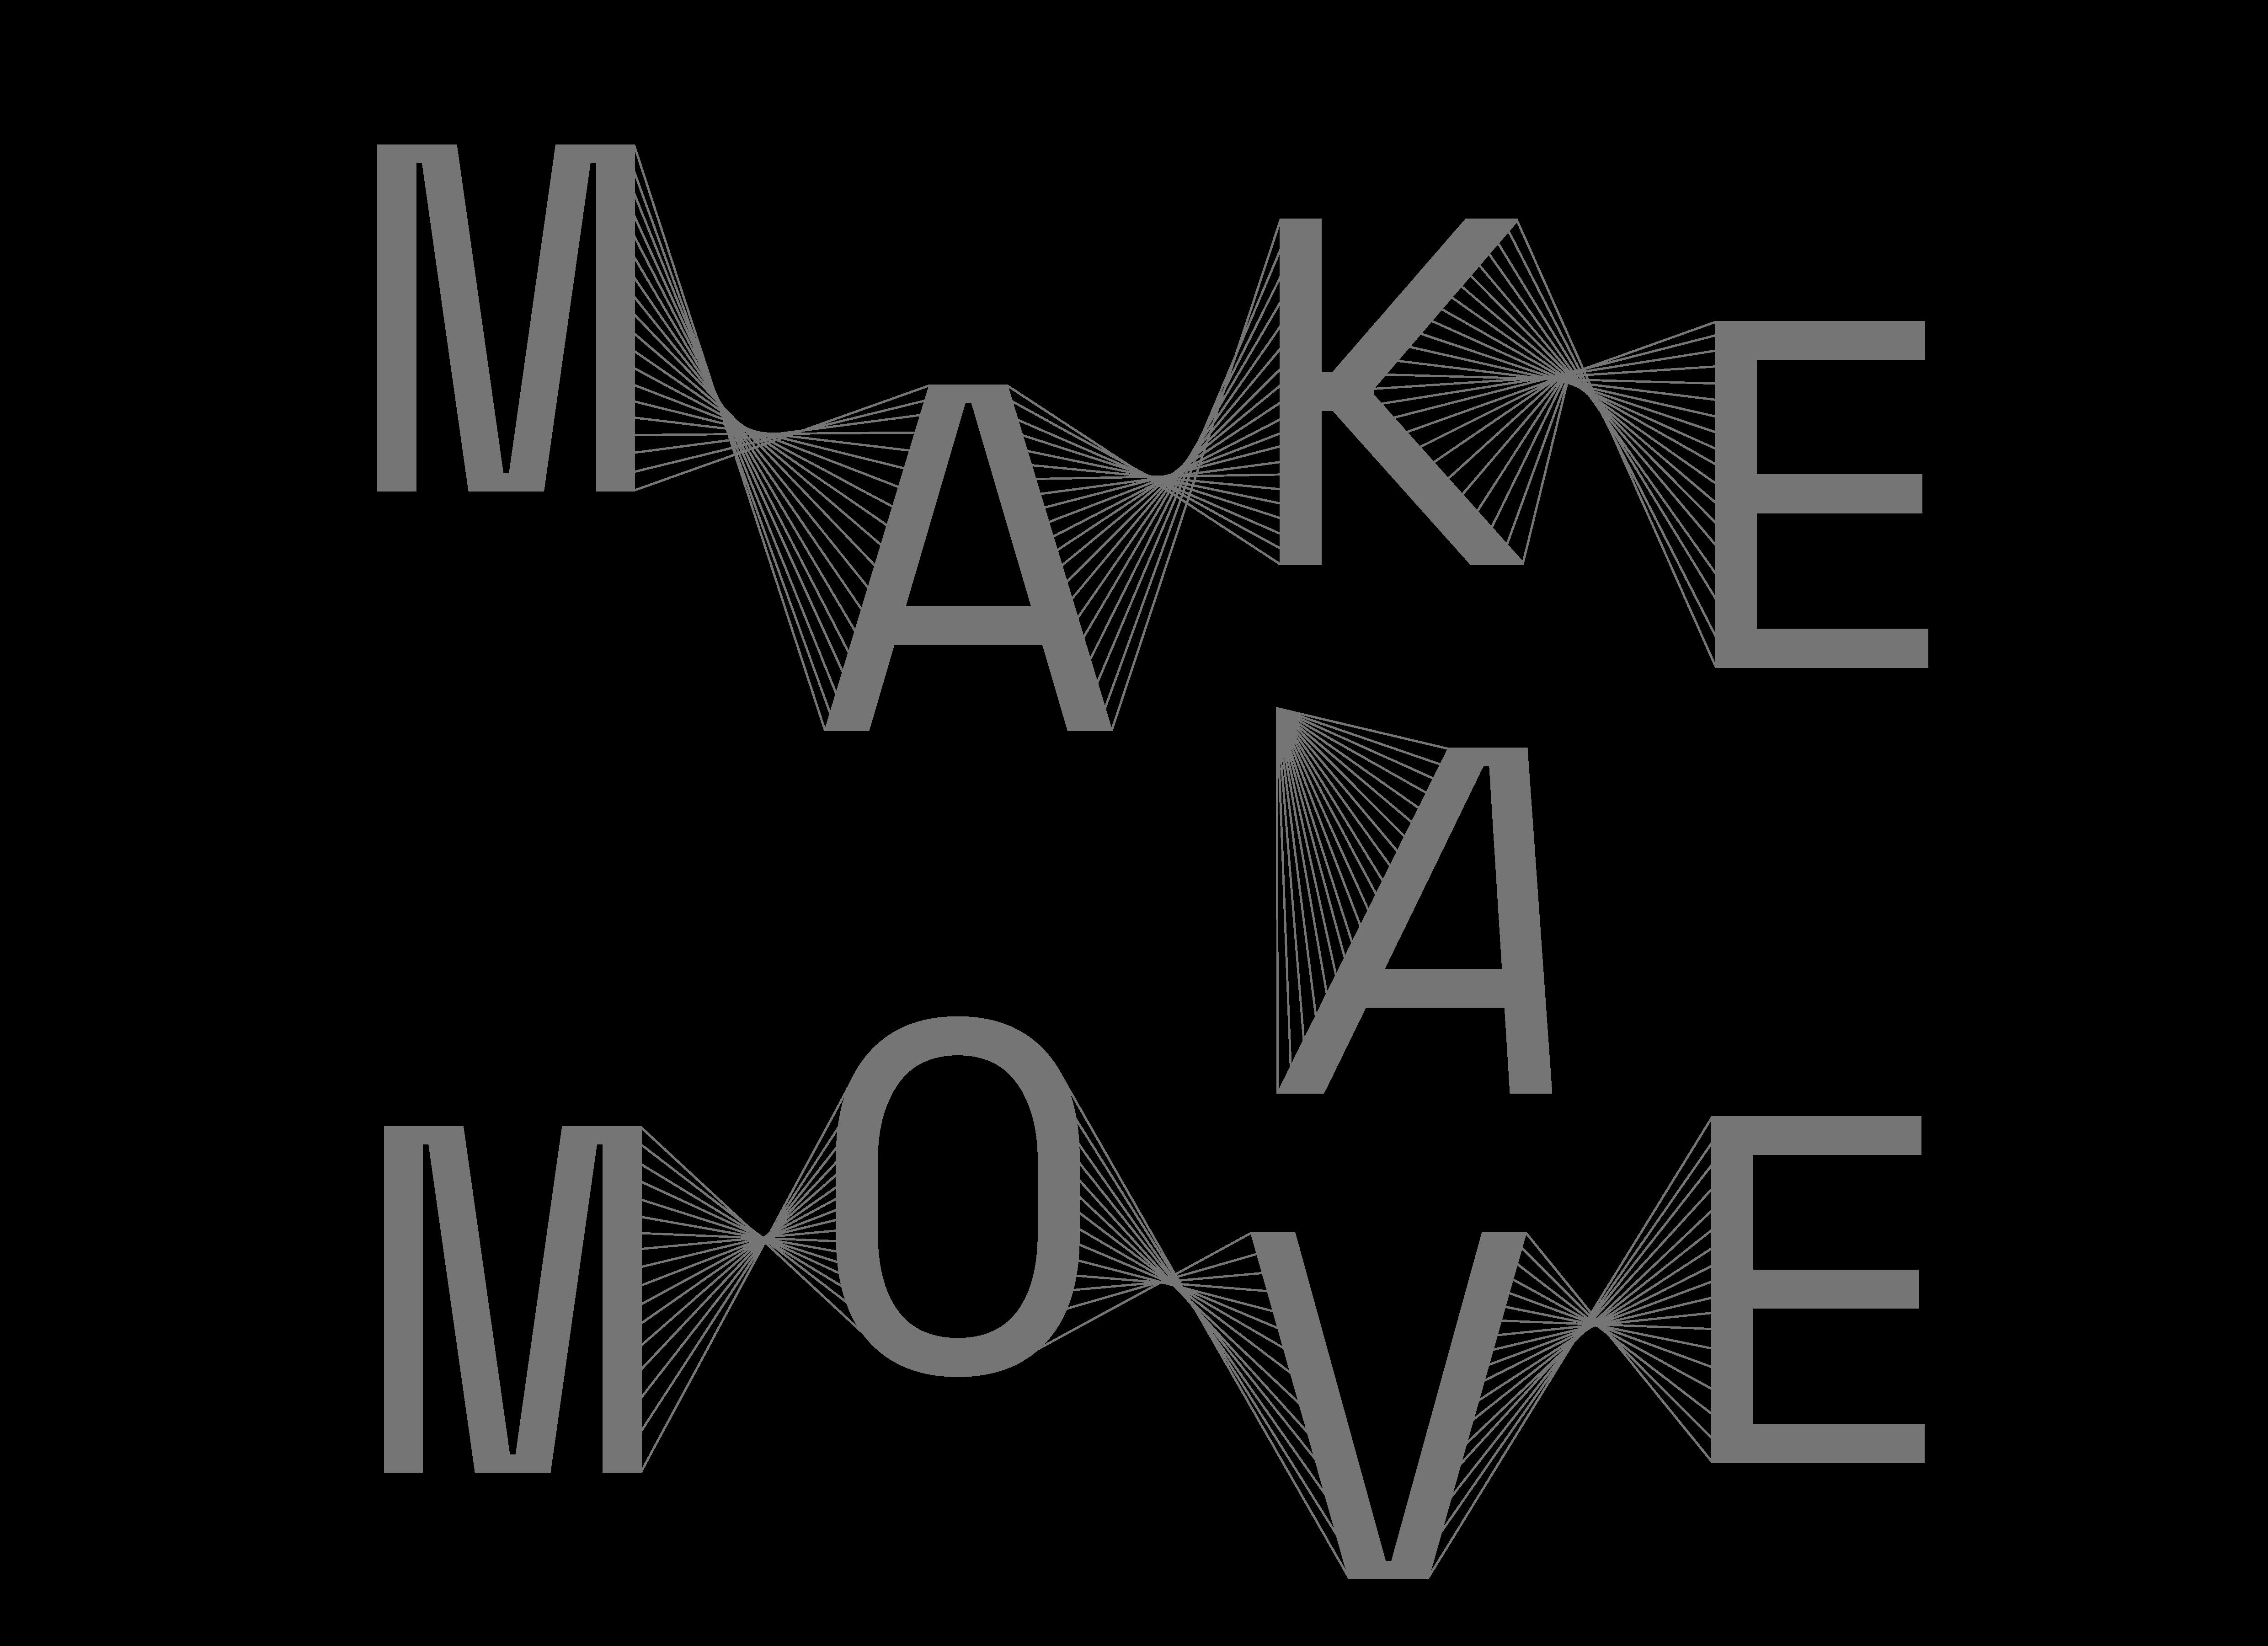 finale-1_make-a-move-10